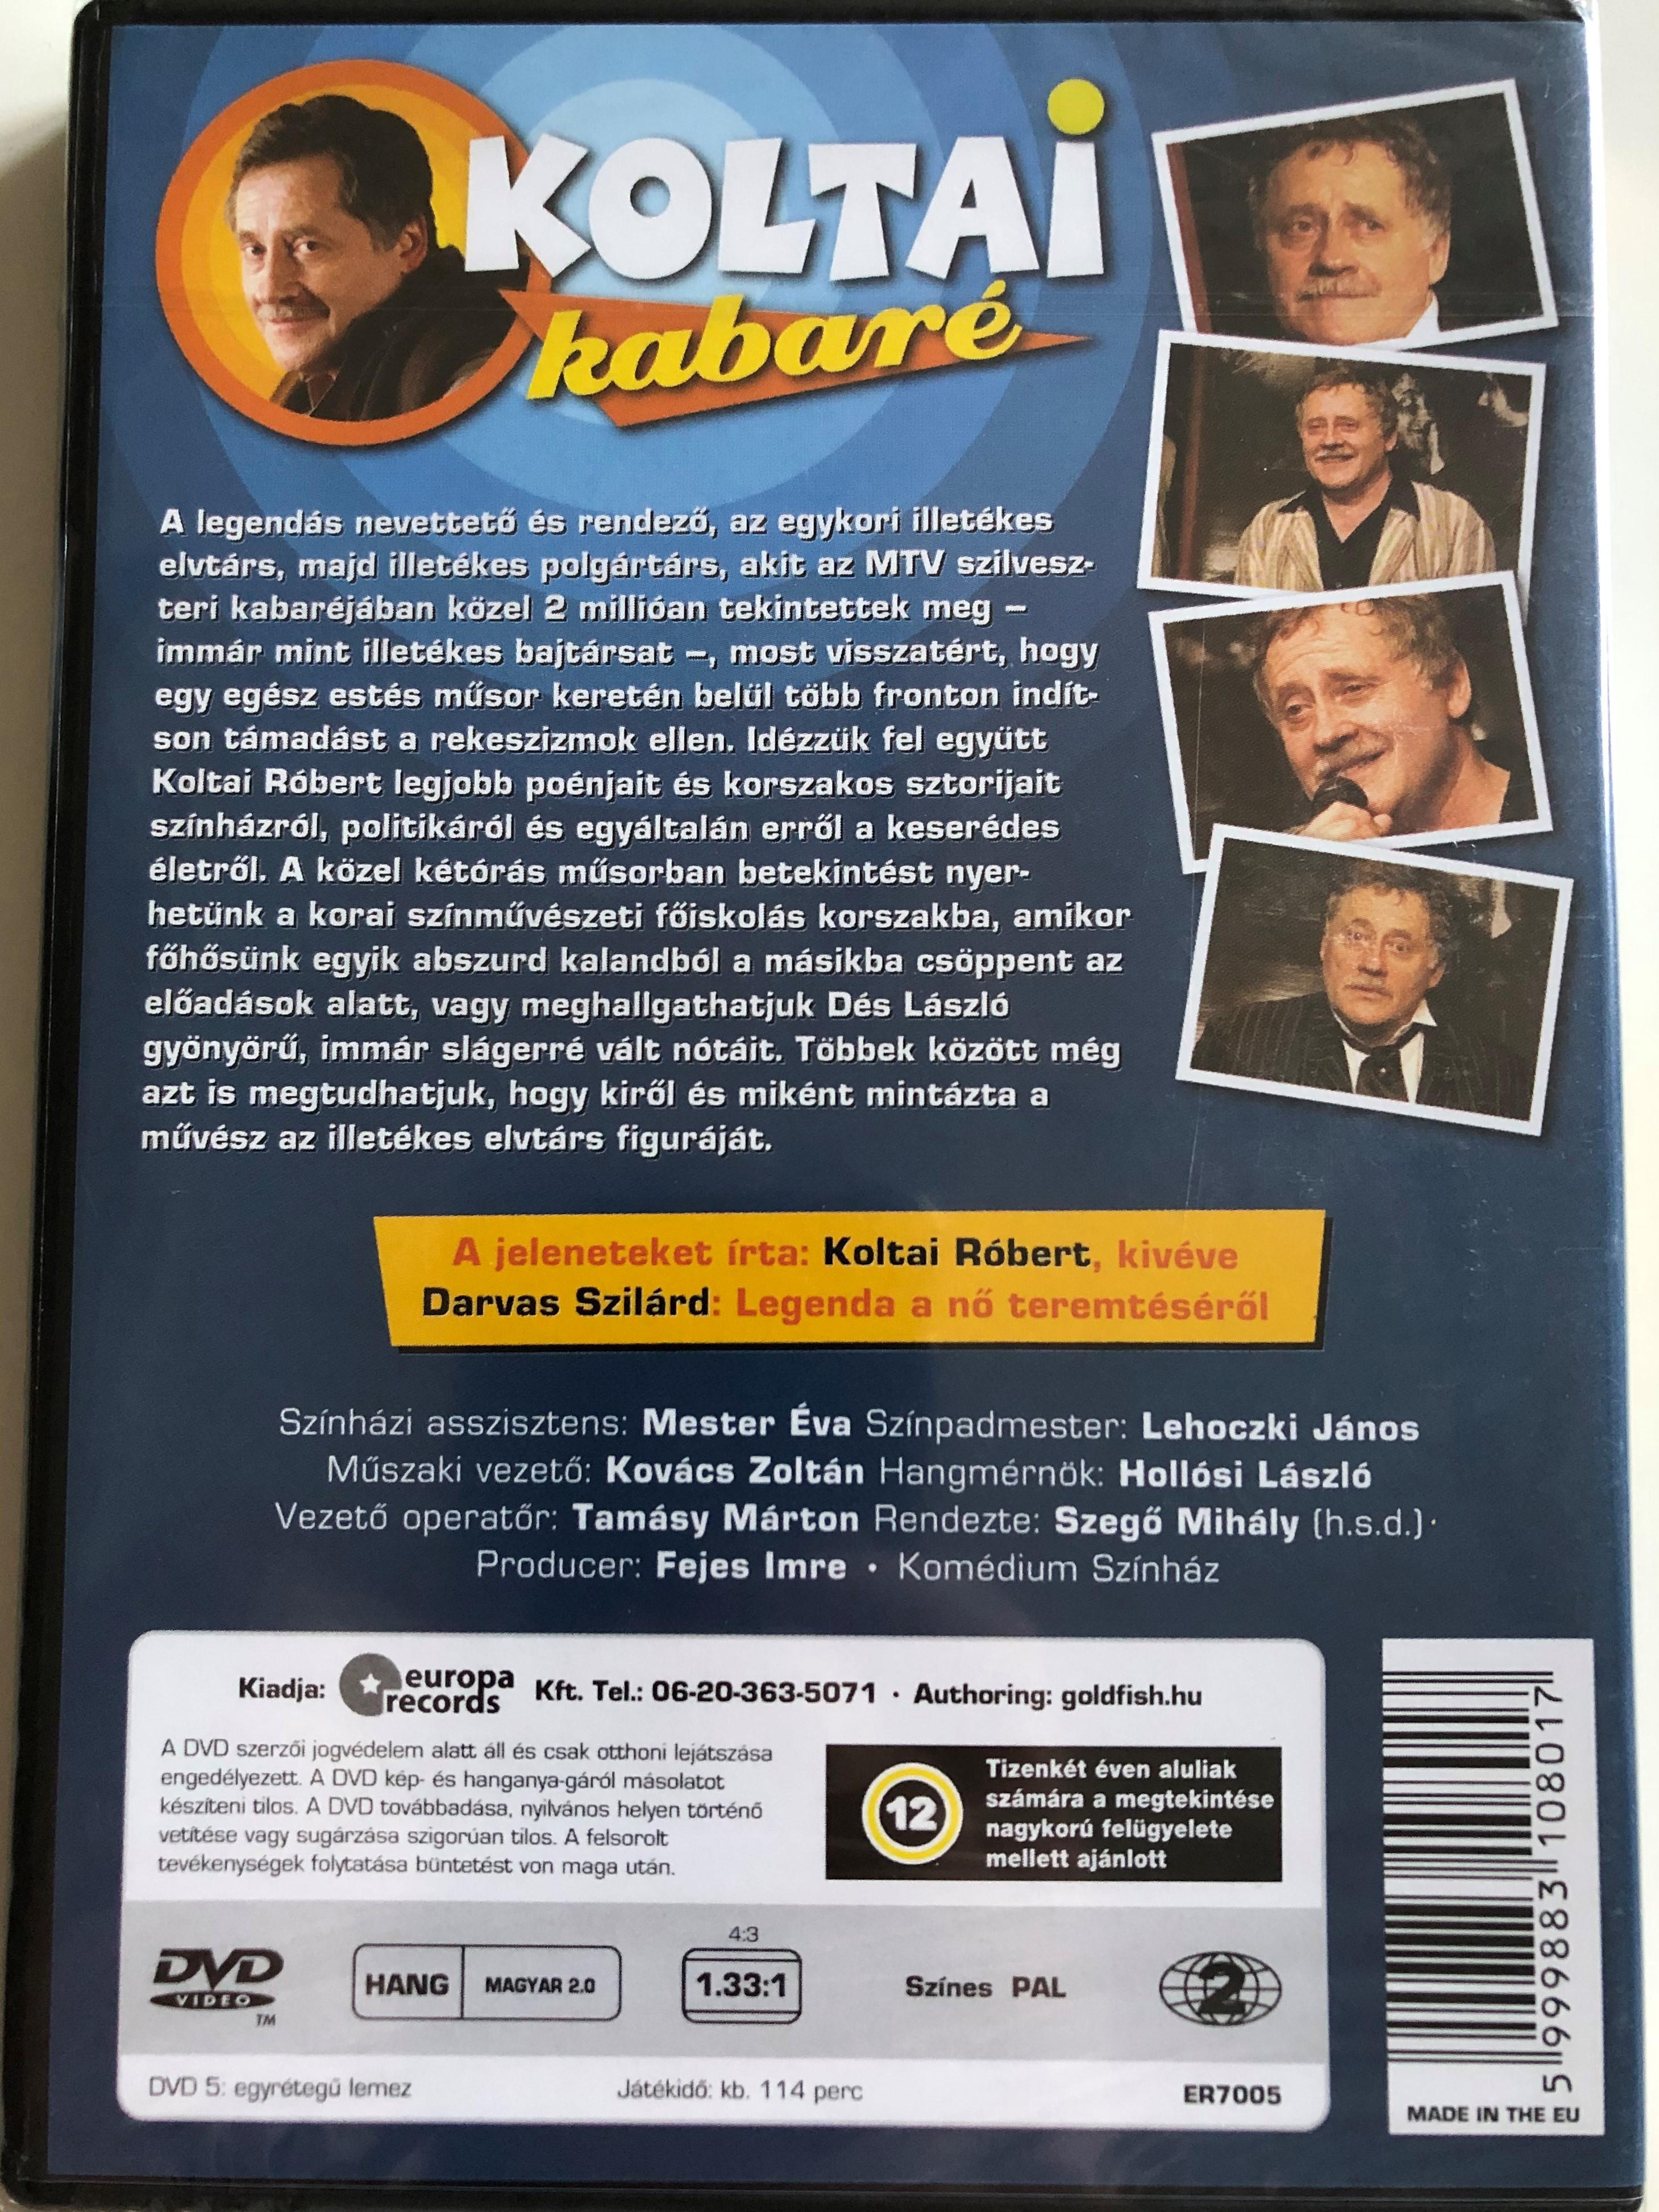 koltai-kabar-dvd-2007-koltai-cabaret-directed-by-szeg-mih-ly-2.jpg